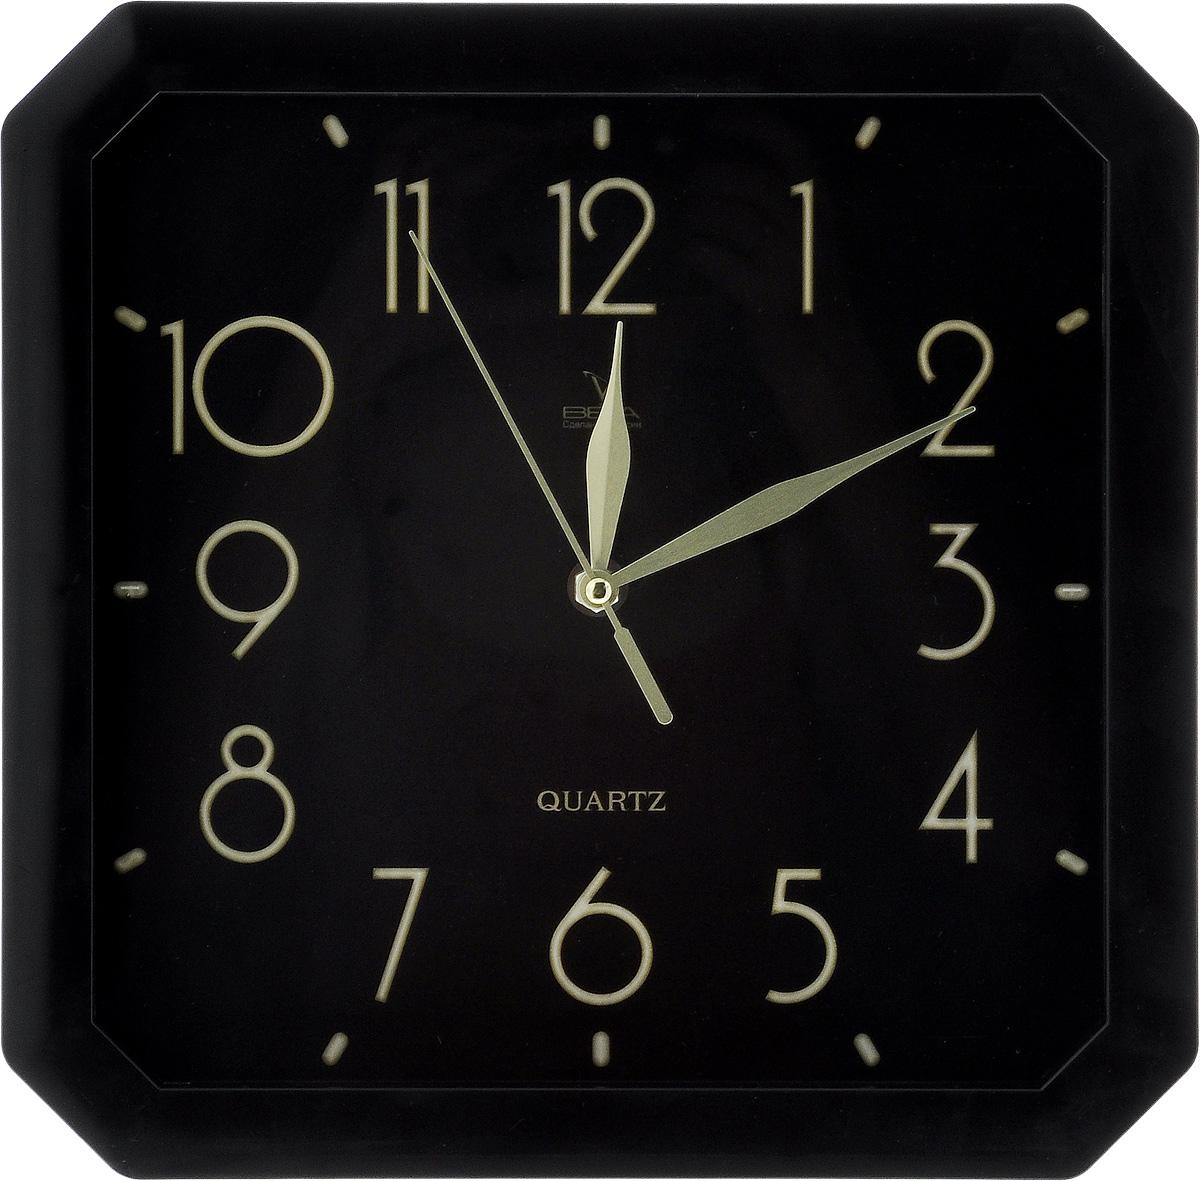 Часы настенные Вега Классика, 28 х 28 см. П4-6/6-74П4-6/6-74Настенные кварцевые часы Вега Классика,изготовленные из пластика, прекрасно впишутся винтерьер вашего дома. Часы имеют три стрелки: часовую,минутную и секундную, циферблат защищен прозрачнымстеклом.Часы работают от 1 батарейки типа АА напряжением 1,5 В(не входит в комплект). Прилагается инструкция по эксплуатации.